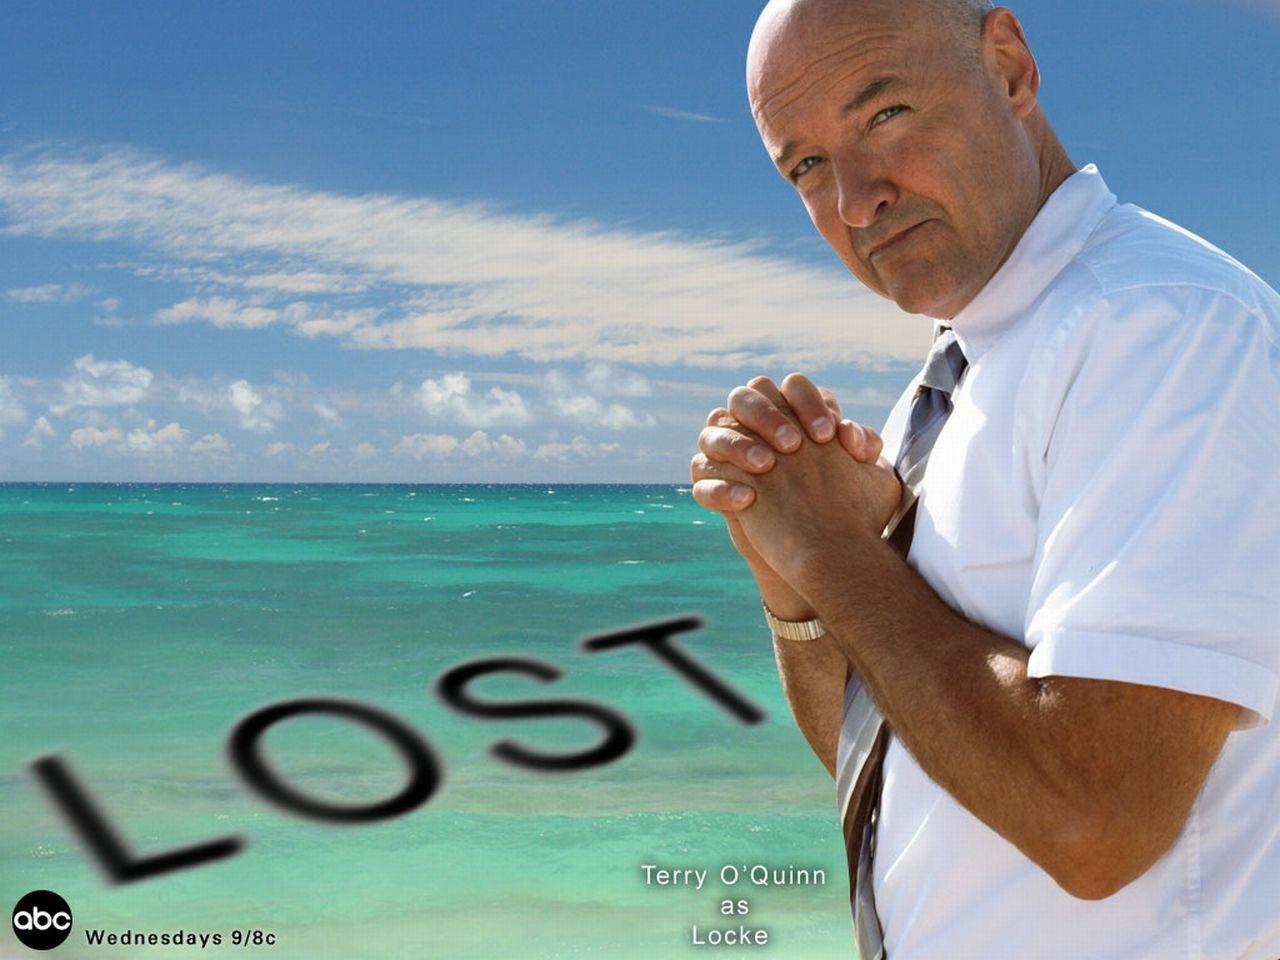 Wallpaper della serie Lost con il personaggio di Locke